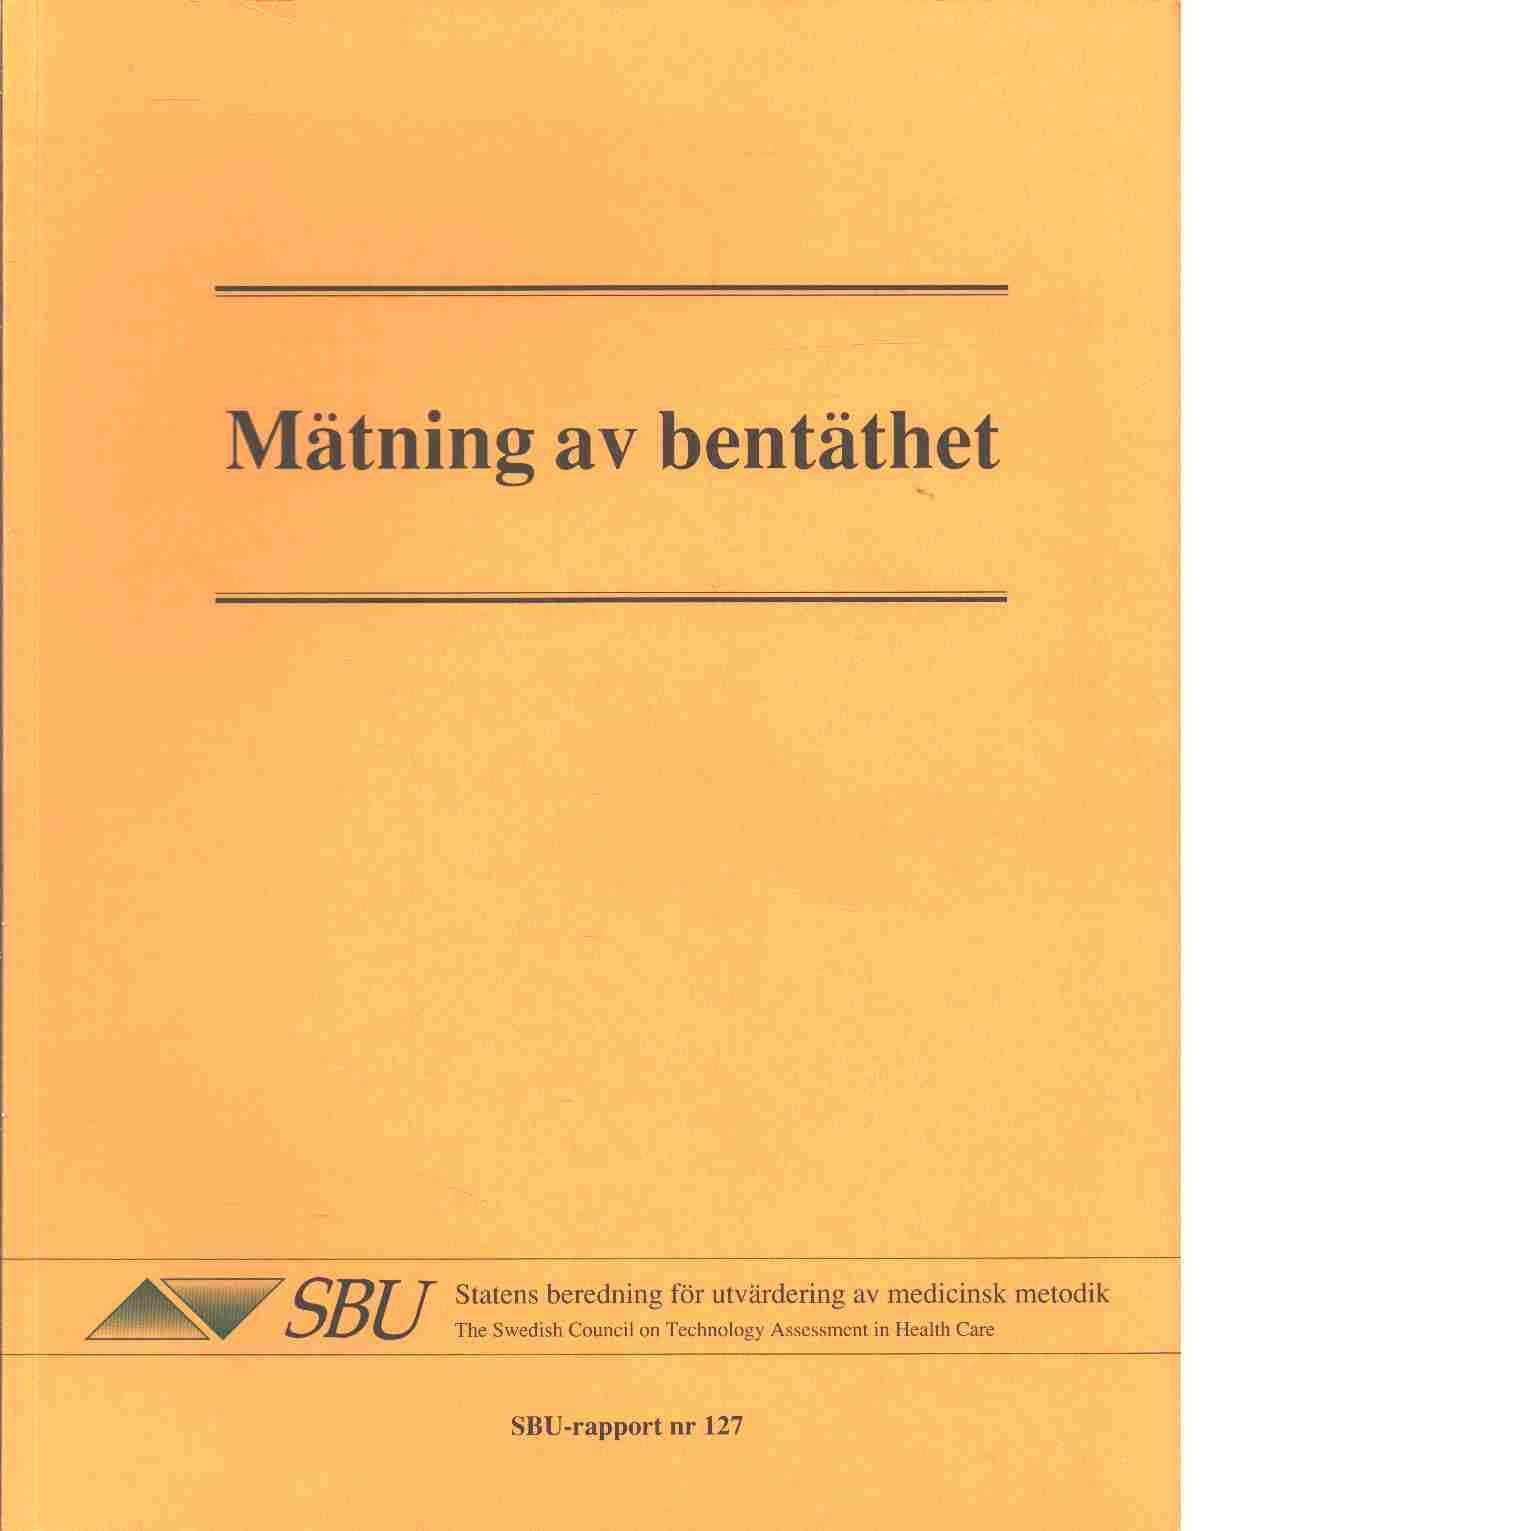 Mätning av bentäthet - Red. Statens beredning för medicinsk utvärdering